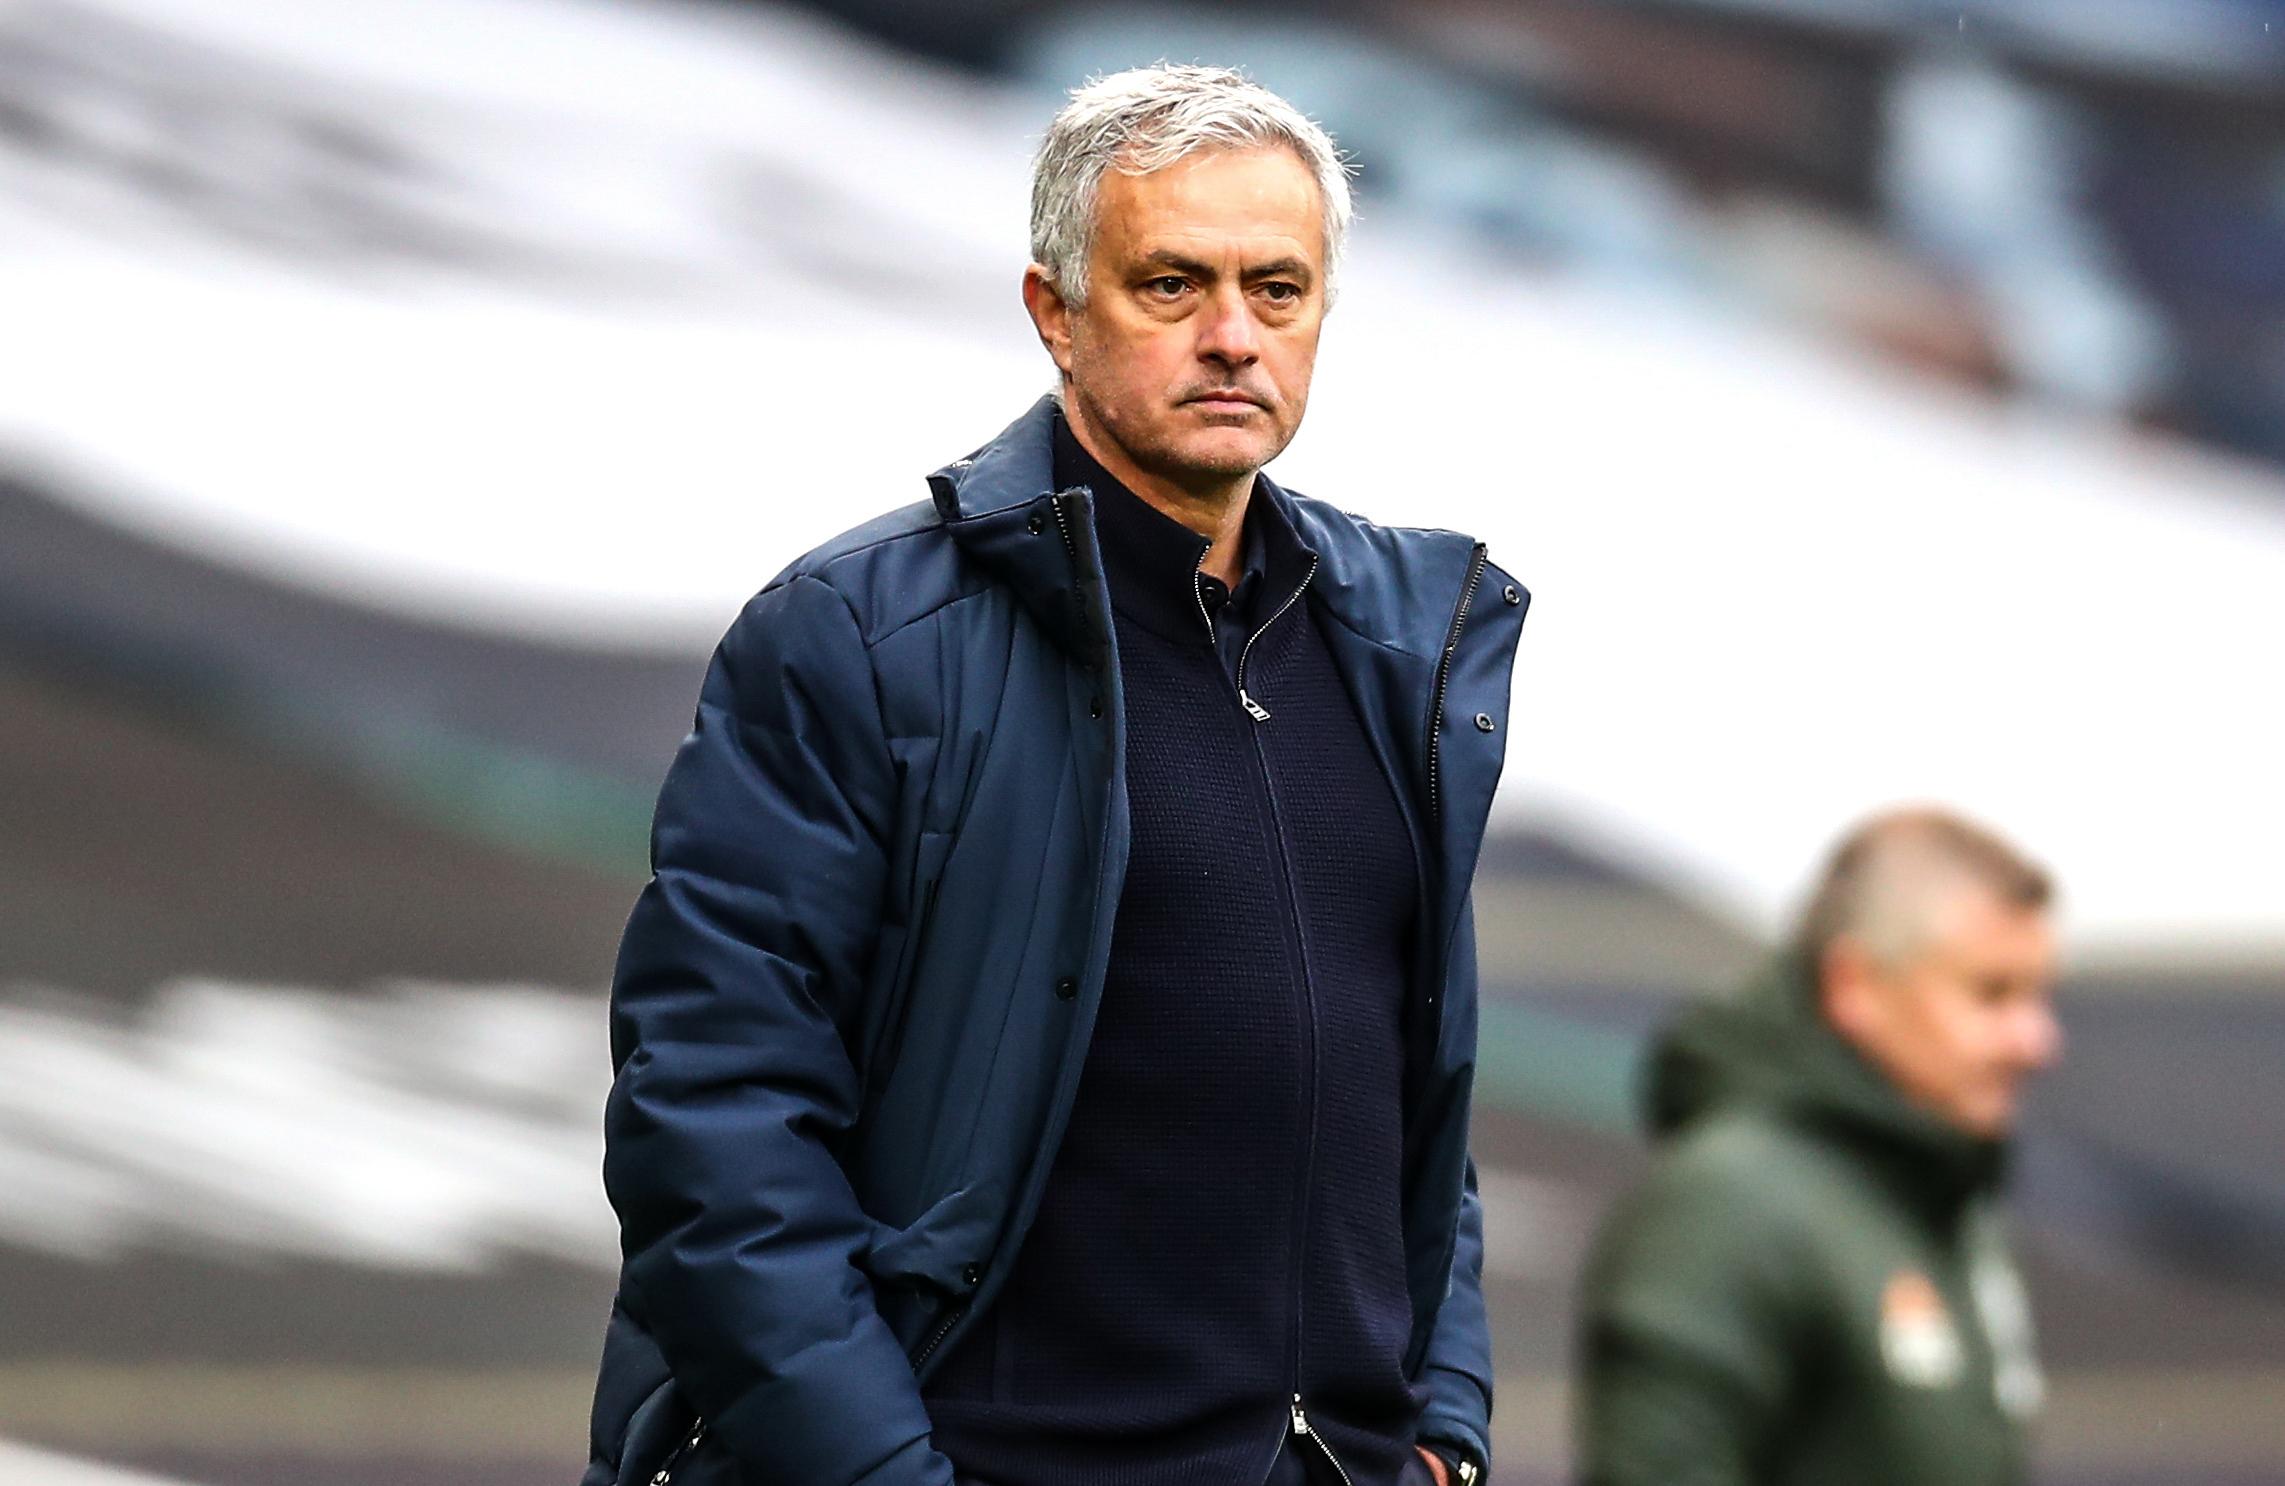 AS Rome : Mourinho justifie son choix de rejoindre l'Italie